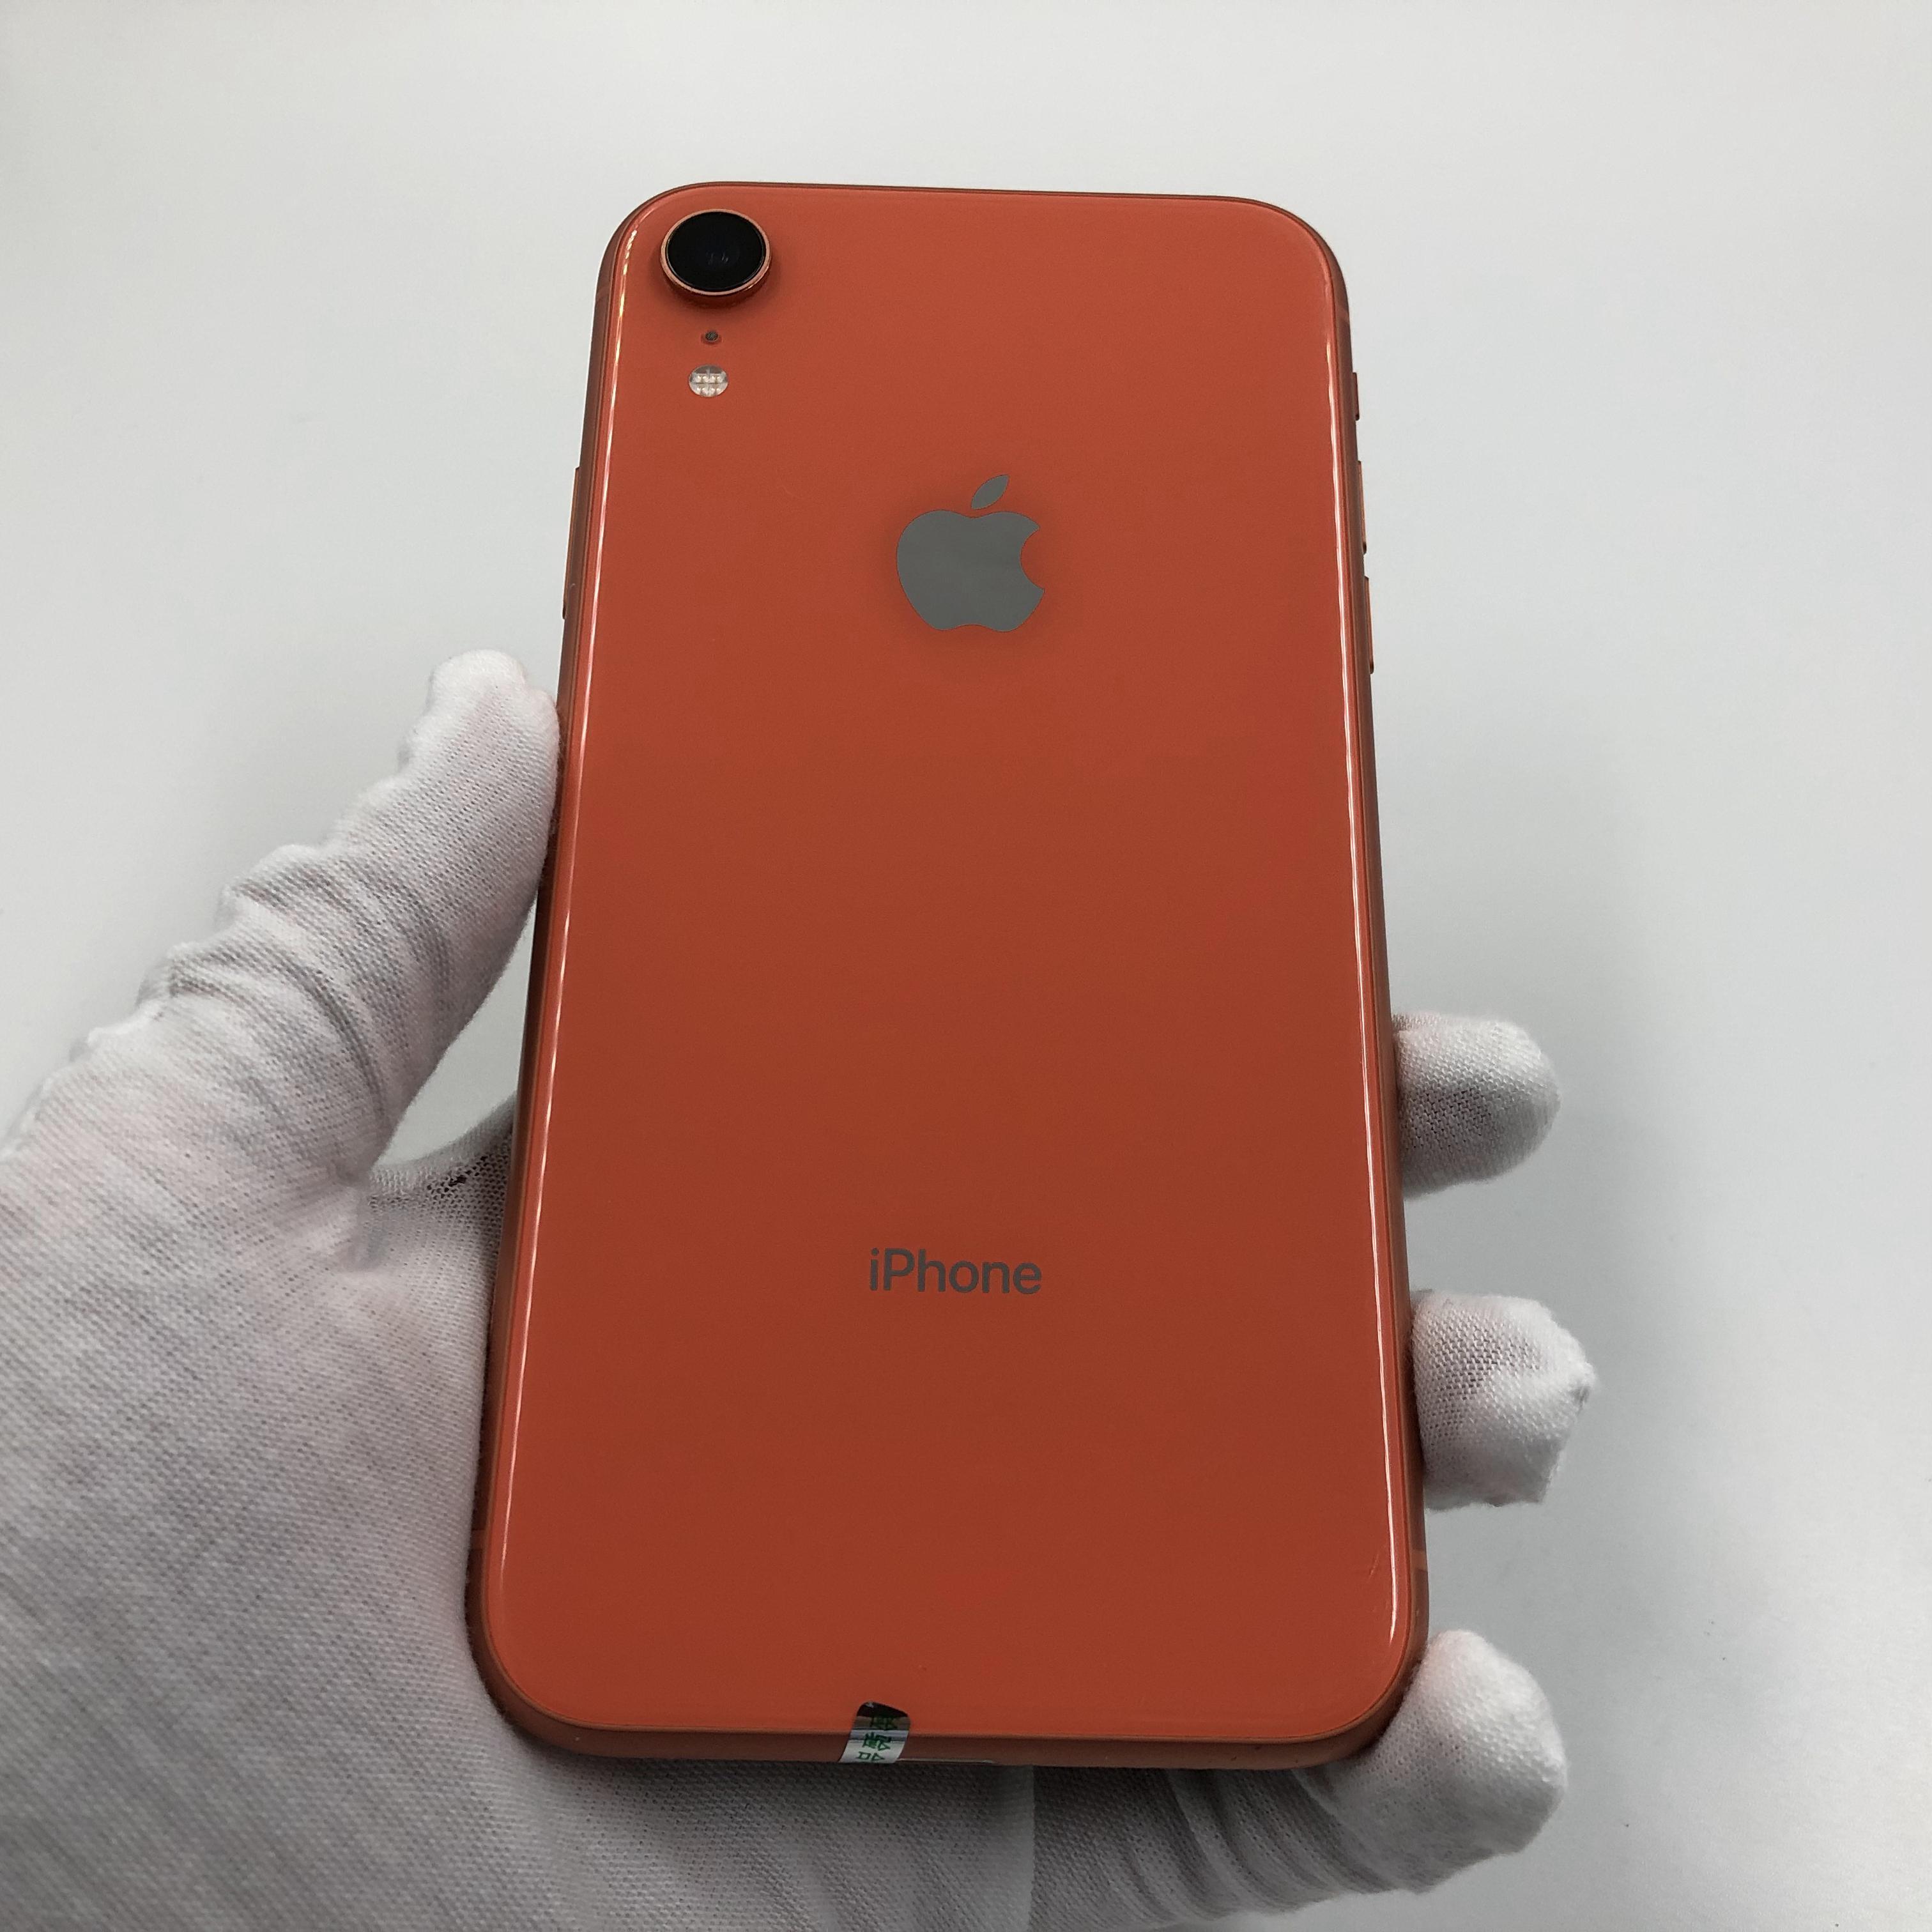 苹果【iPhone XR】4G全网通 珊瑚色 64G 国行 8成新 真机实拍